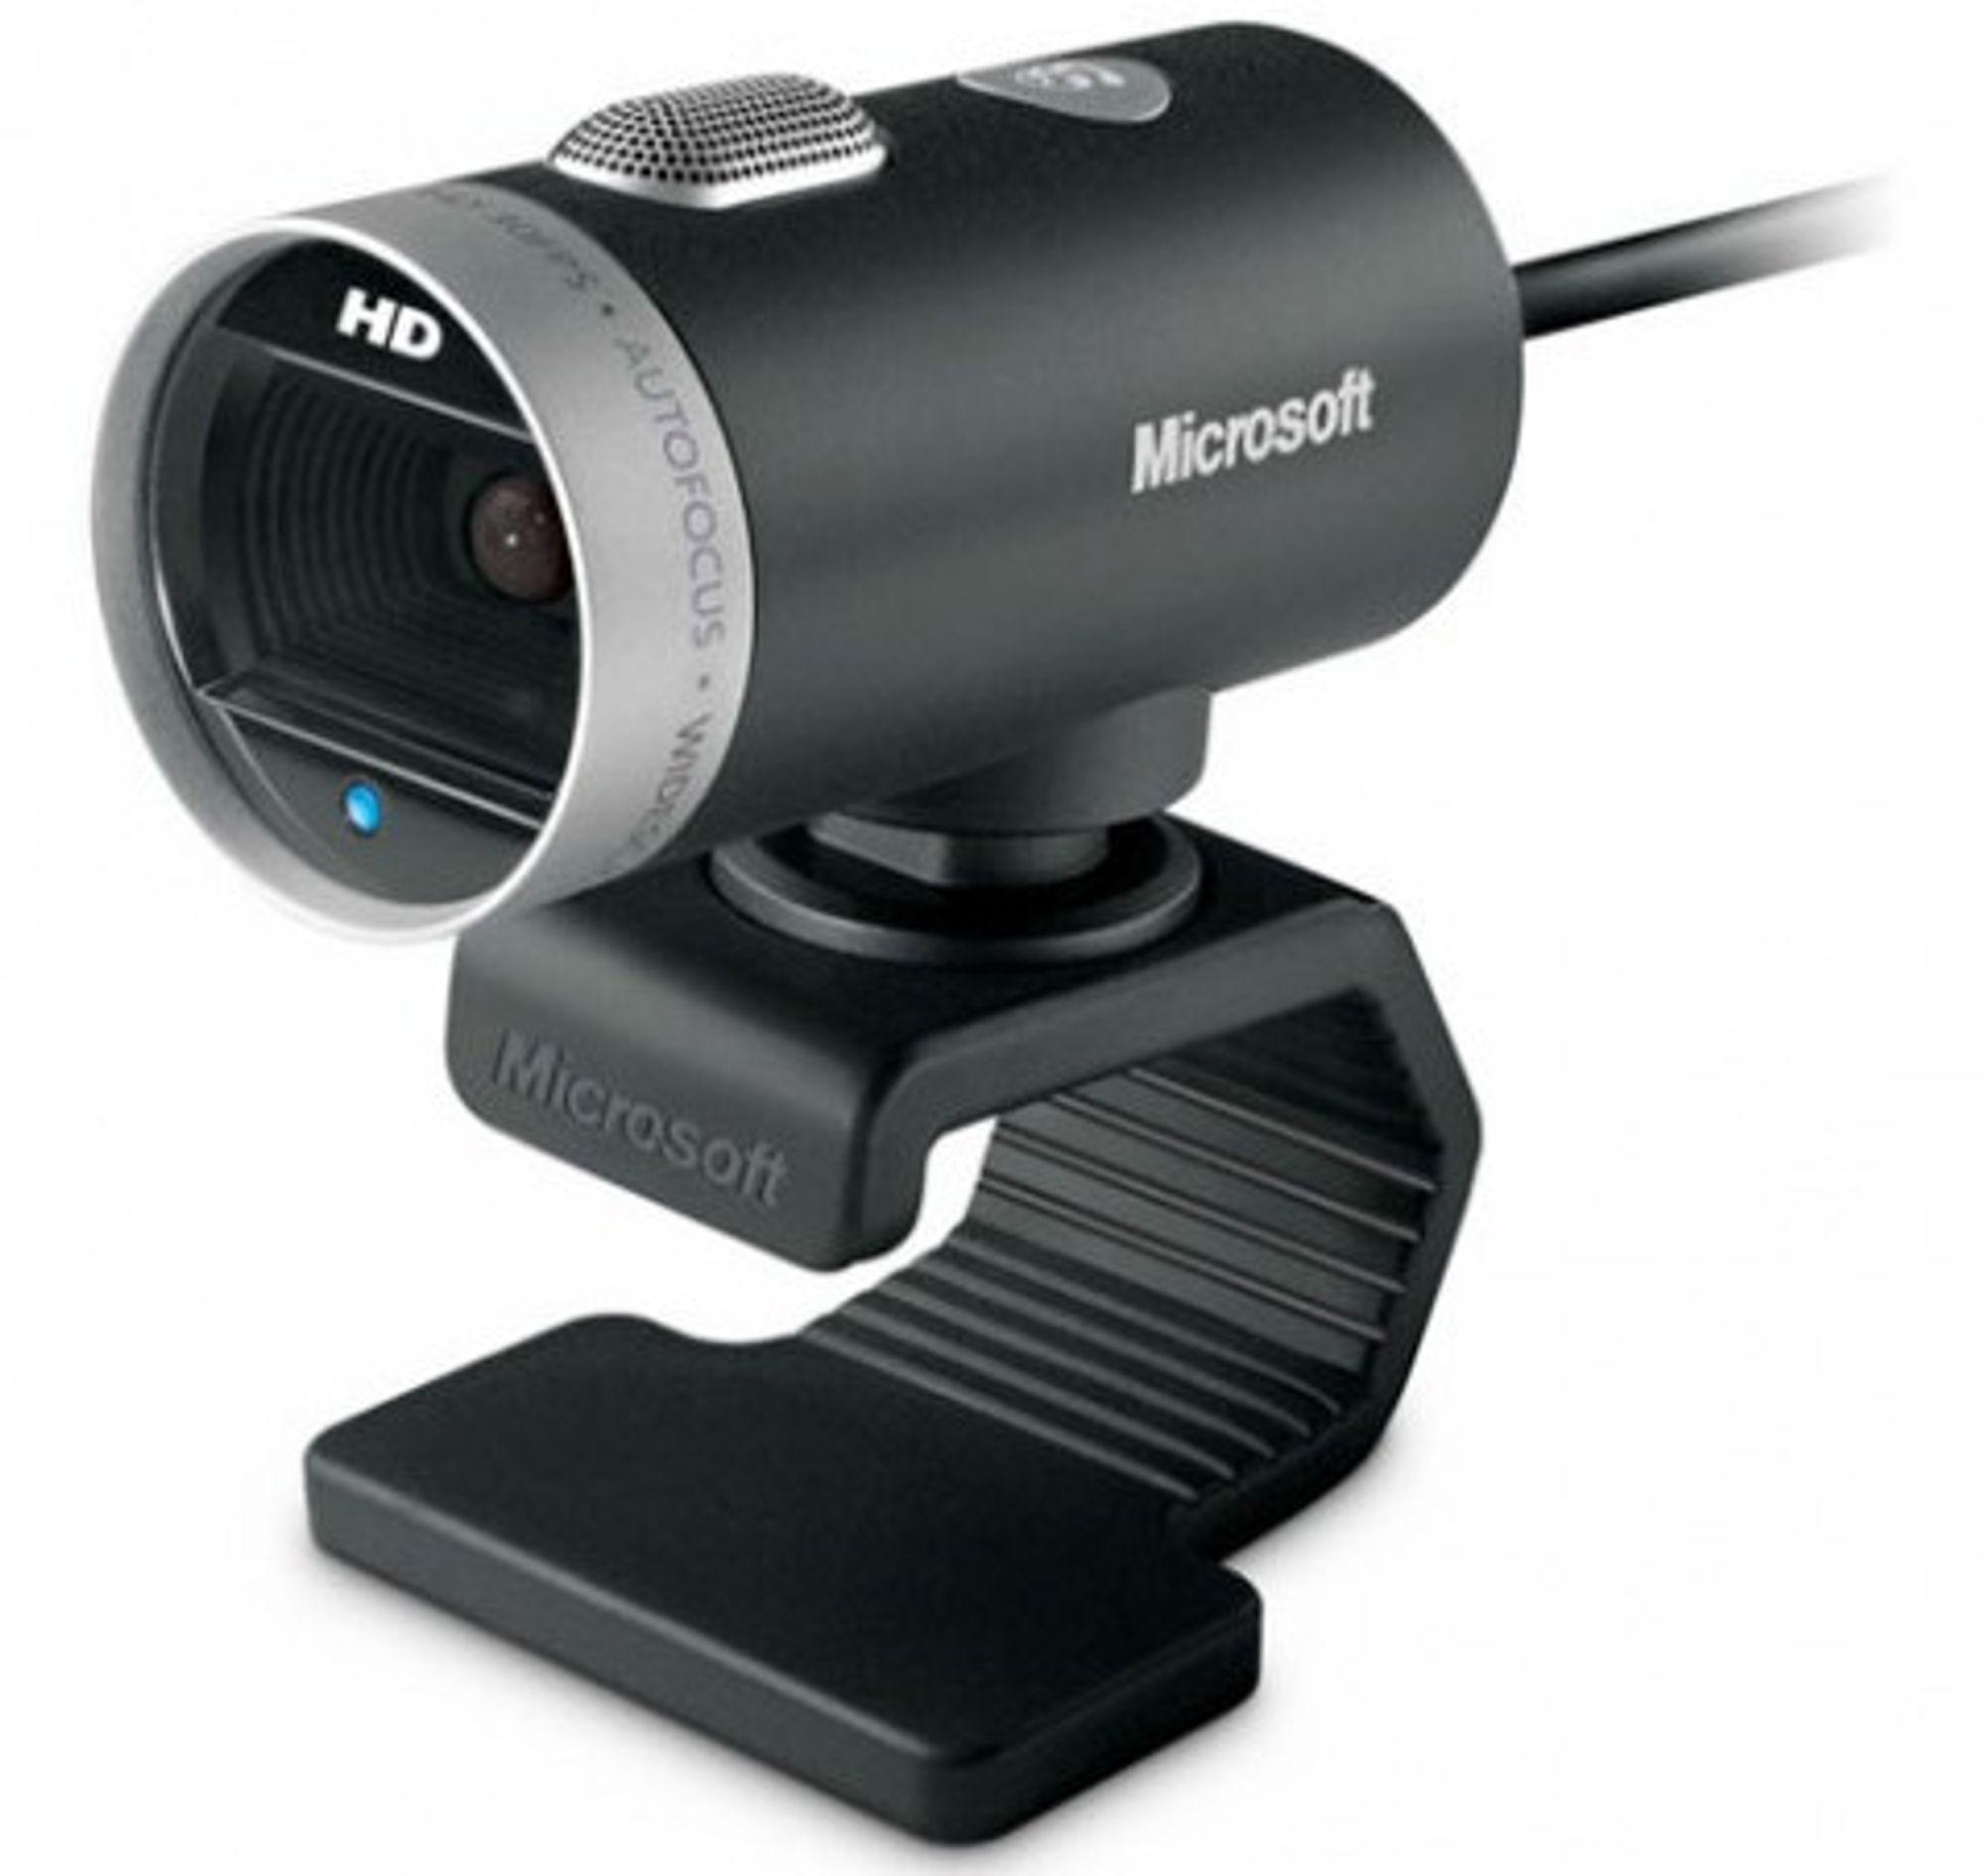 Lifecam Cinema fra Microsoft gir deg video i 270P, med 30 bilder i sekundet.